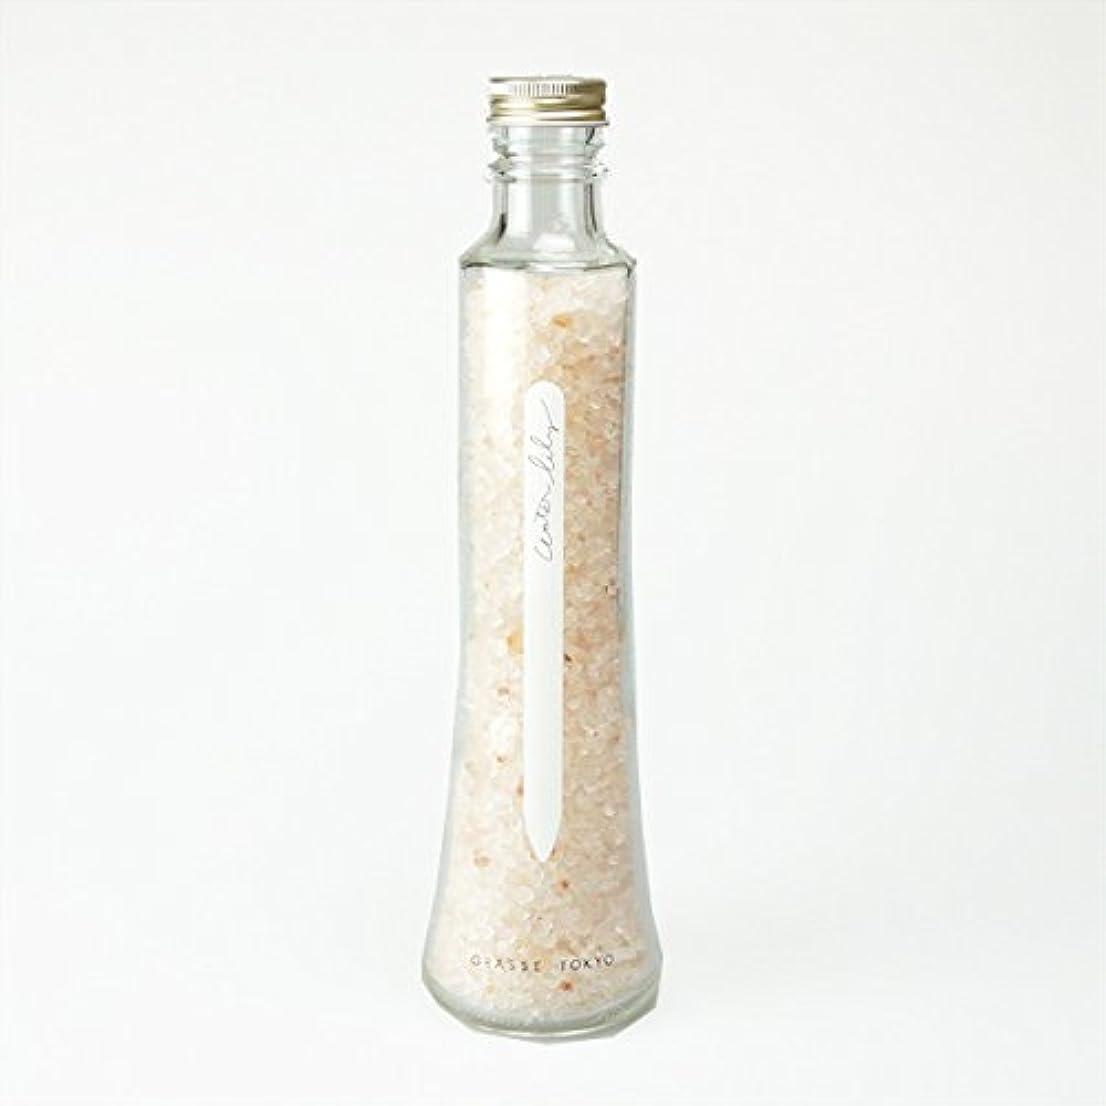 追放役立つマラドロイトグラーストウキョウ フレグランスソルト(浴用、12回分ボトル) Water lily 360g